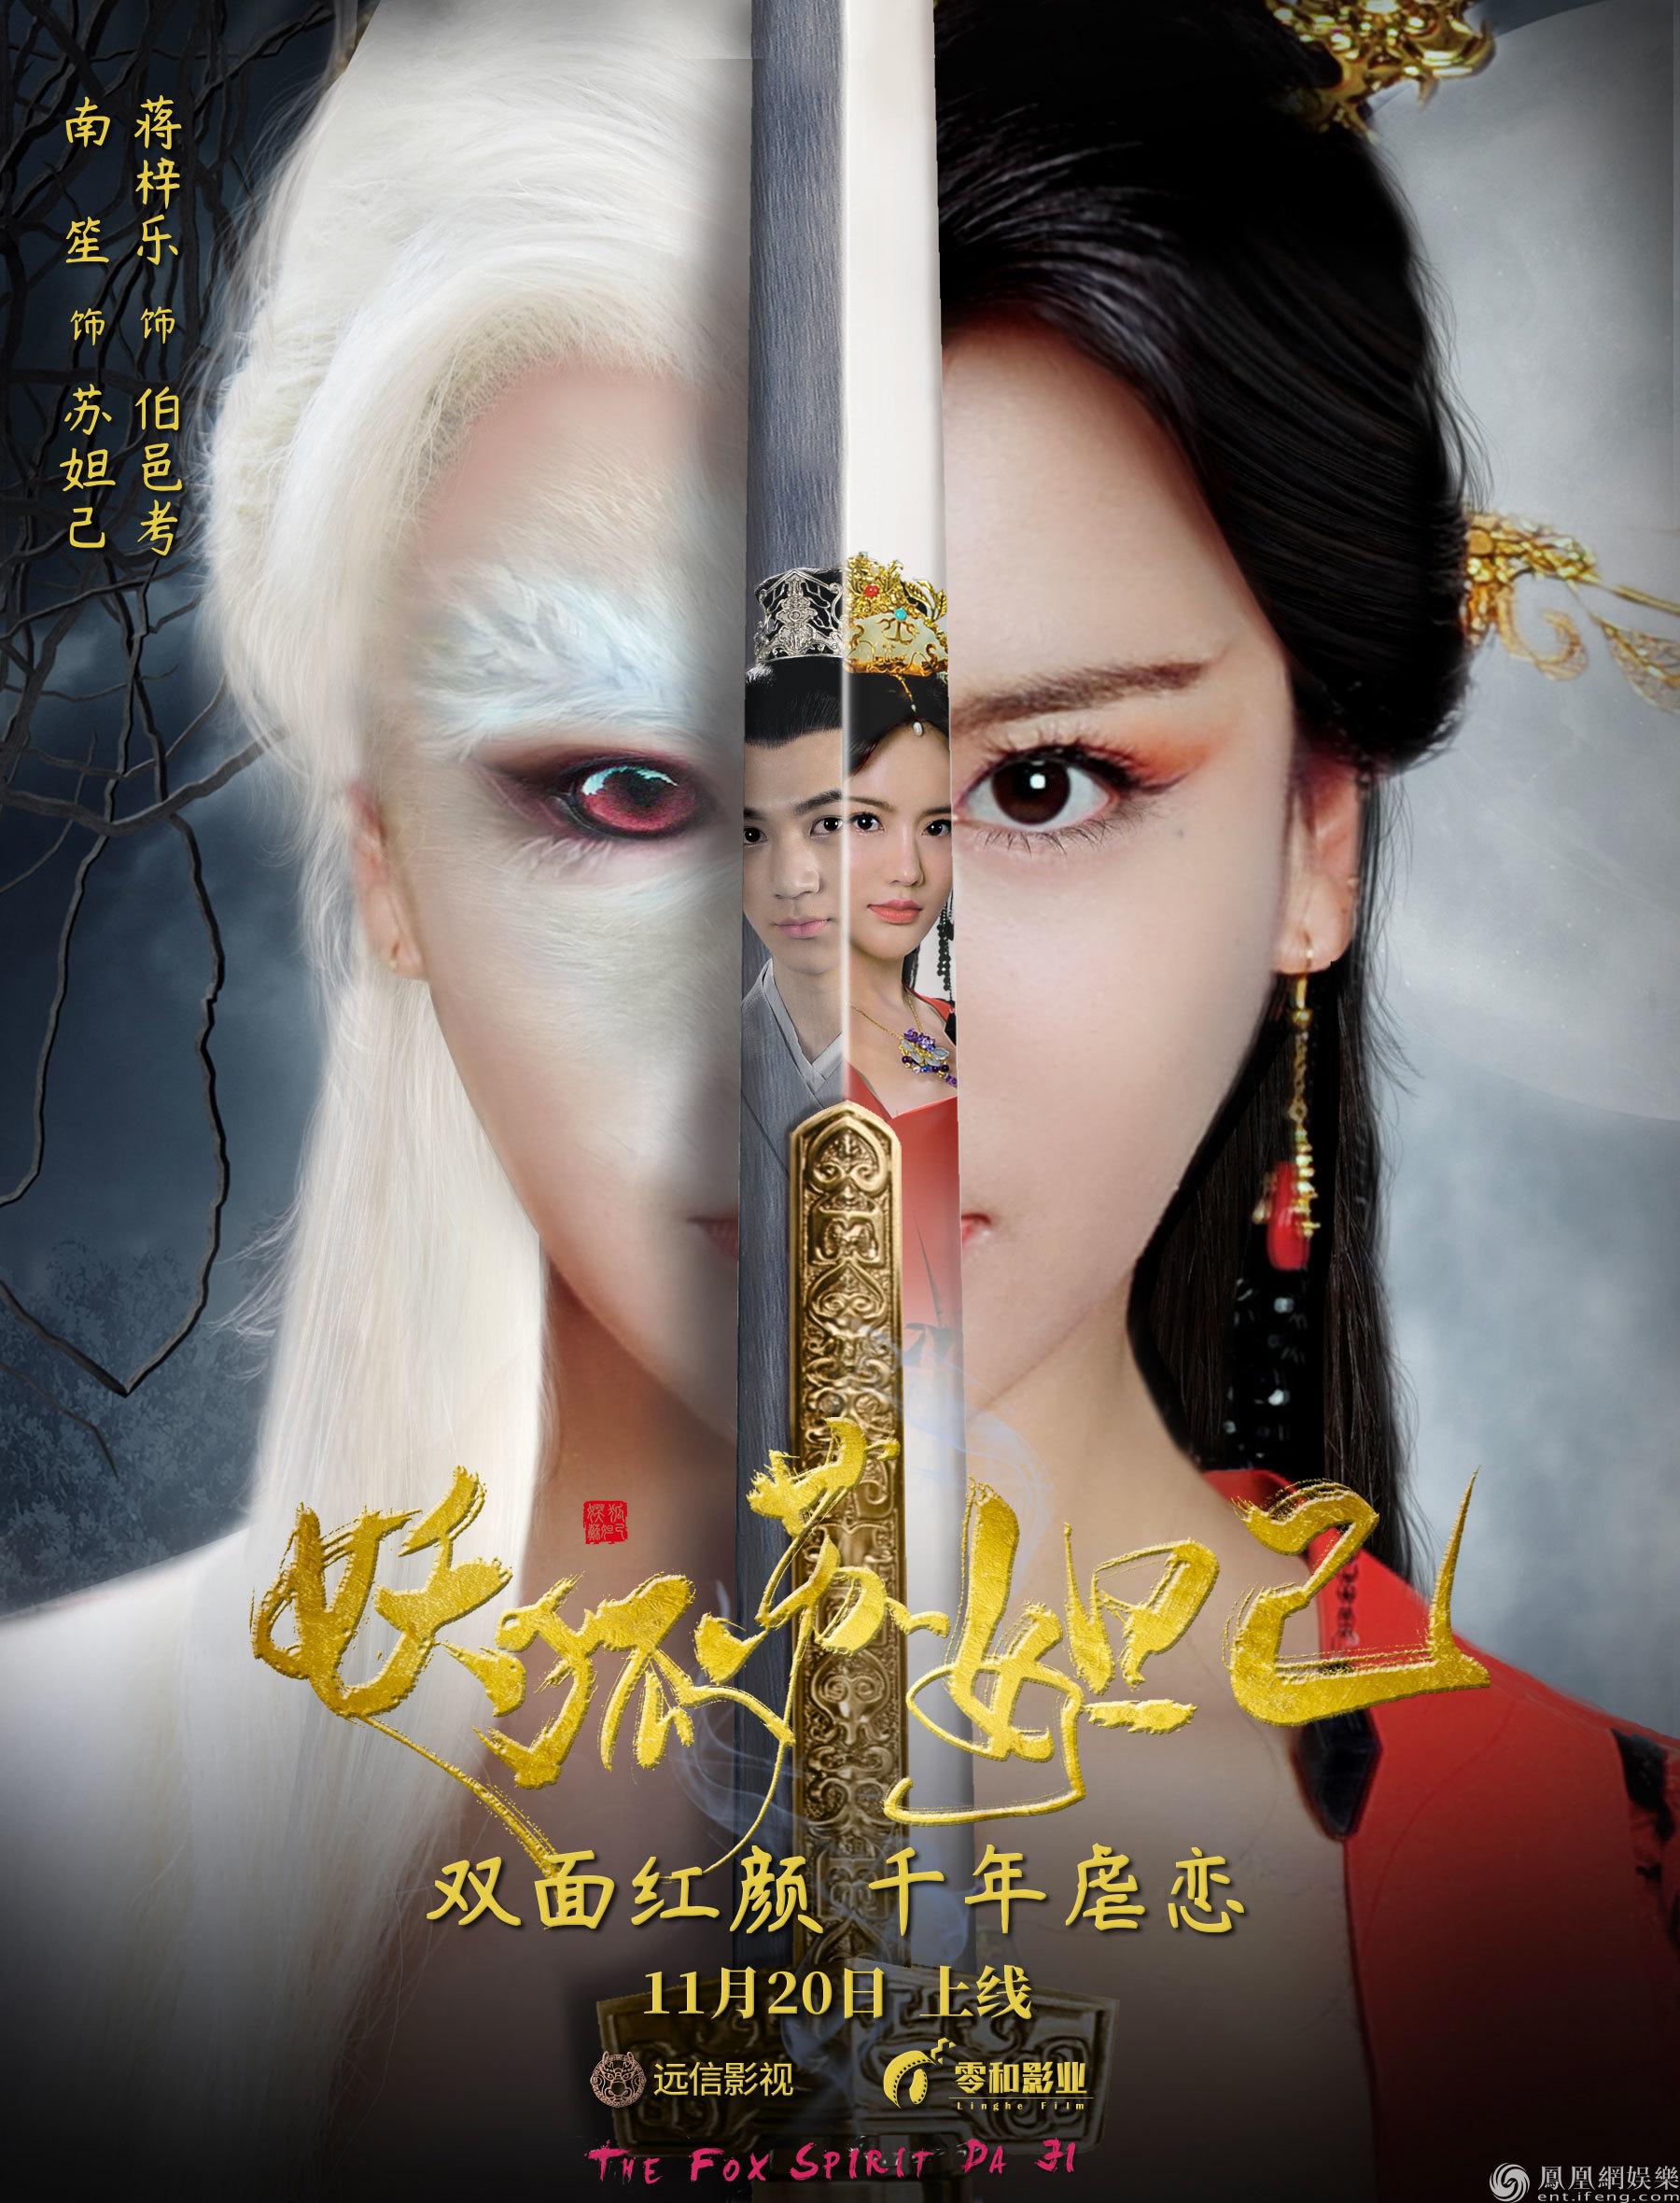 电影《妖狐苏妲己》1120上线 一体两面苏妲己诠释真情 娱乐频道 凤凰网